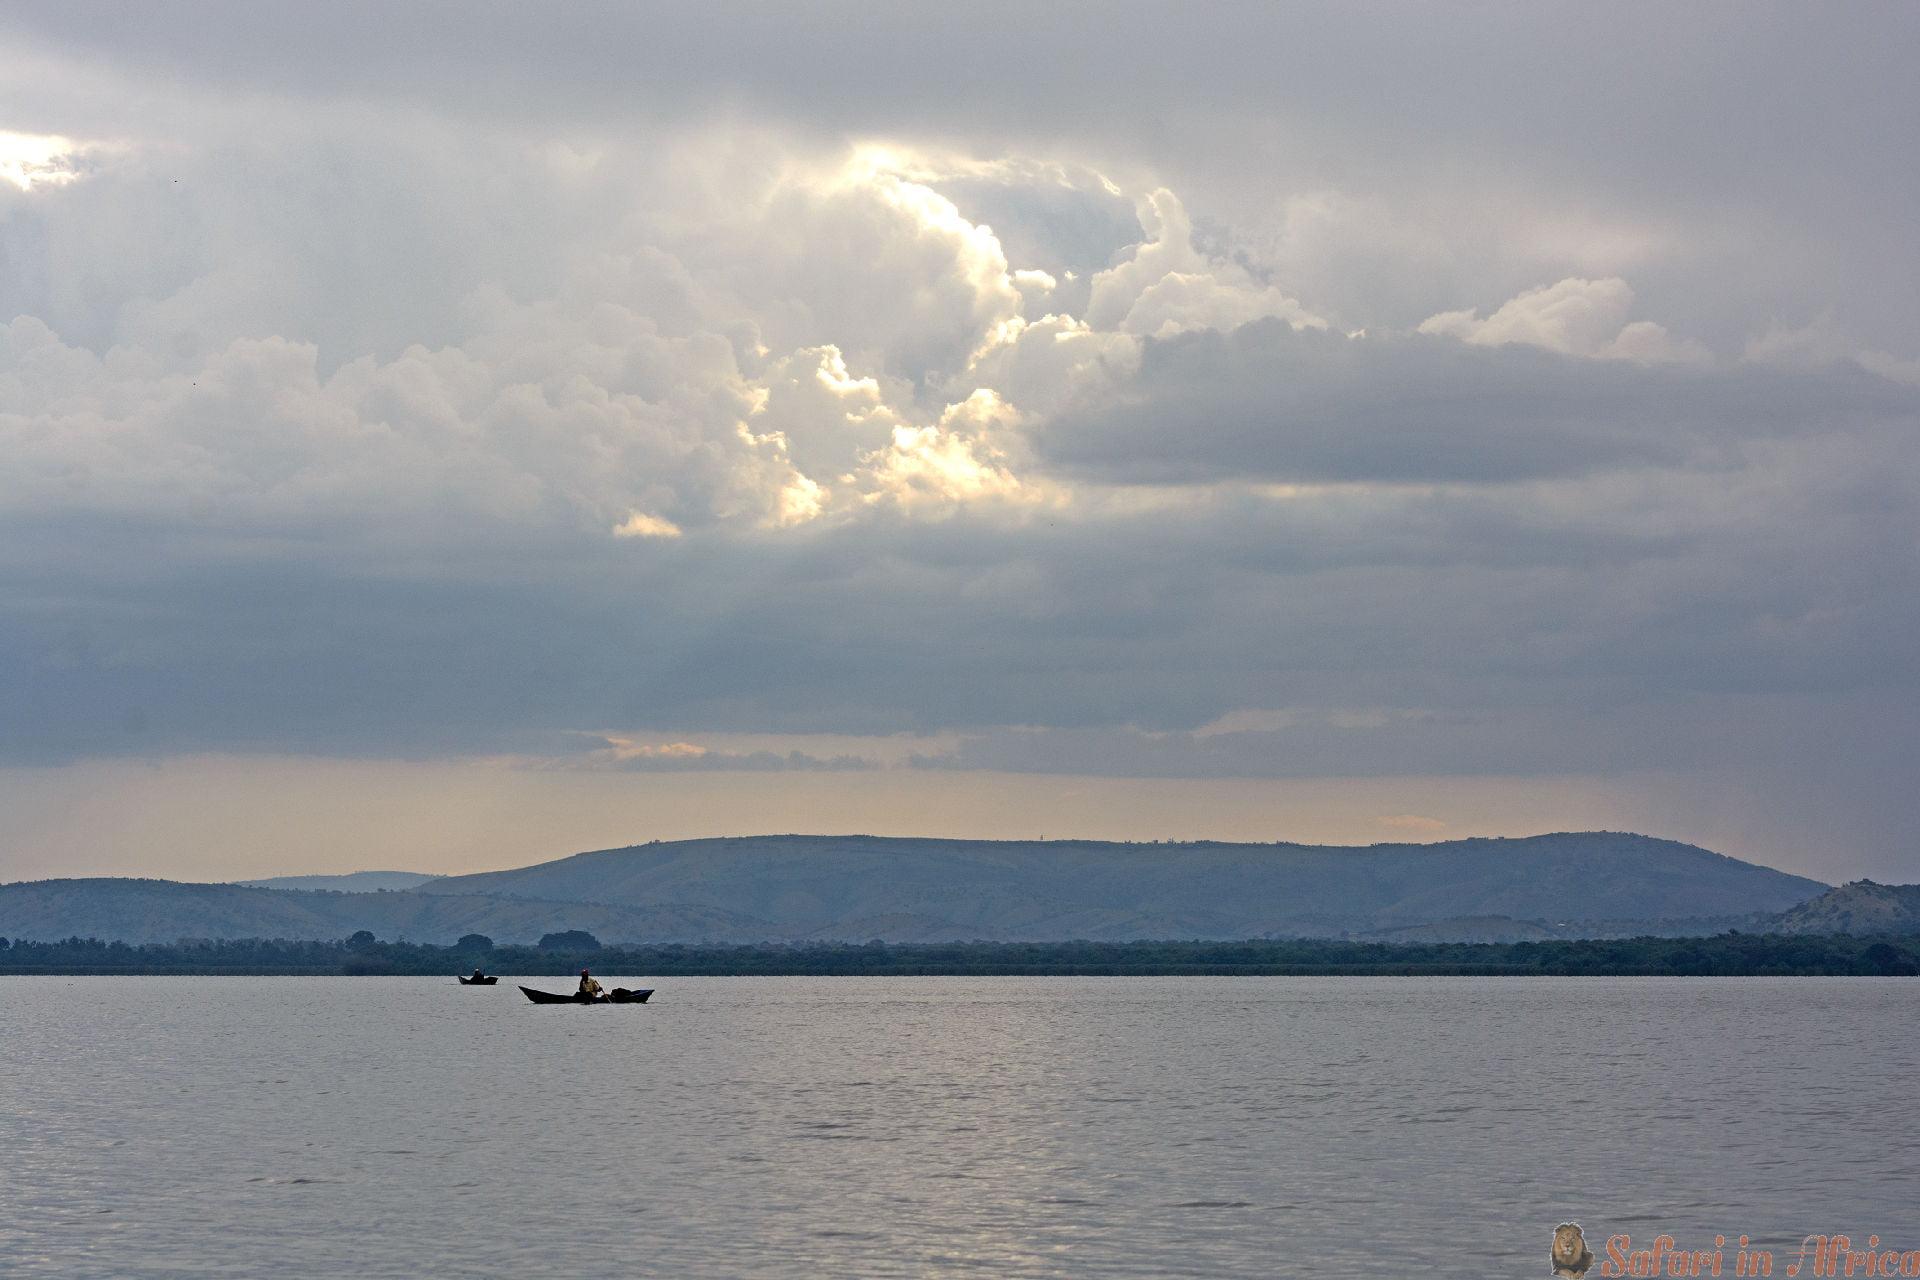 Fisherman on Lake Mburo in Uganda at Sunset